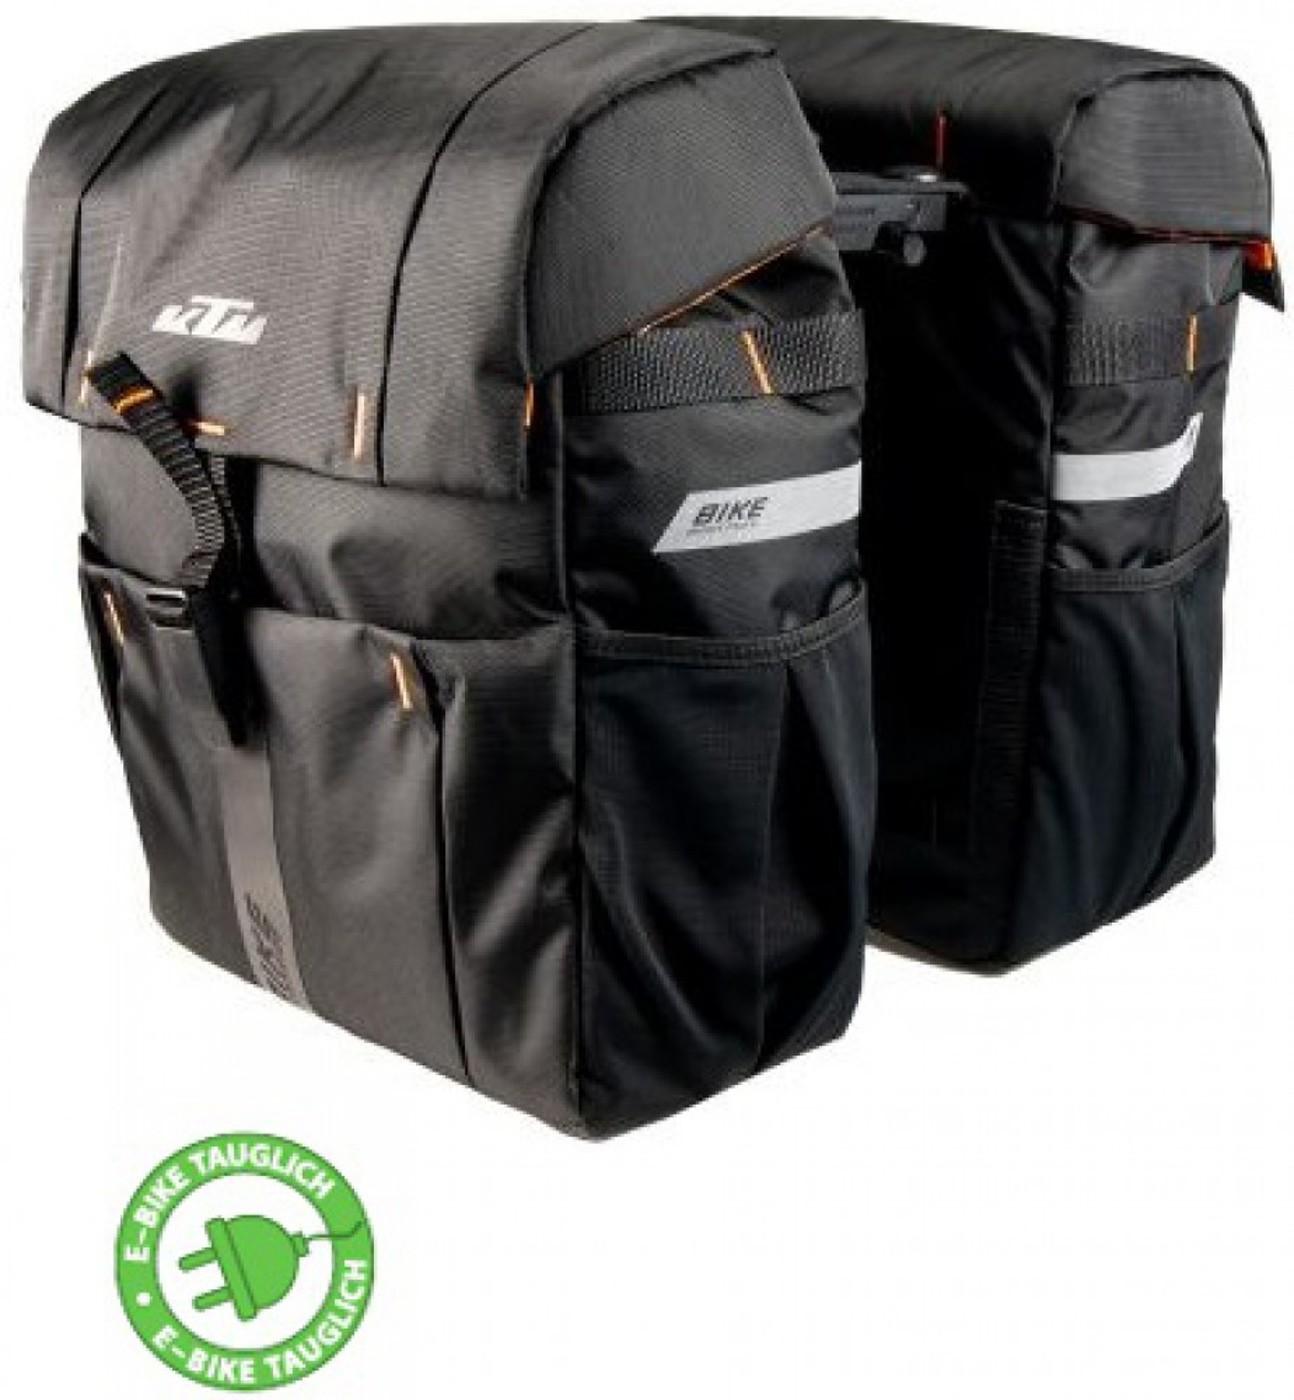 KTM Sport Carrier Bag Double 37L